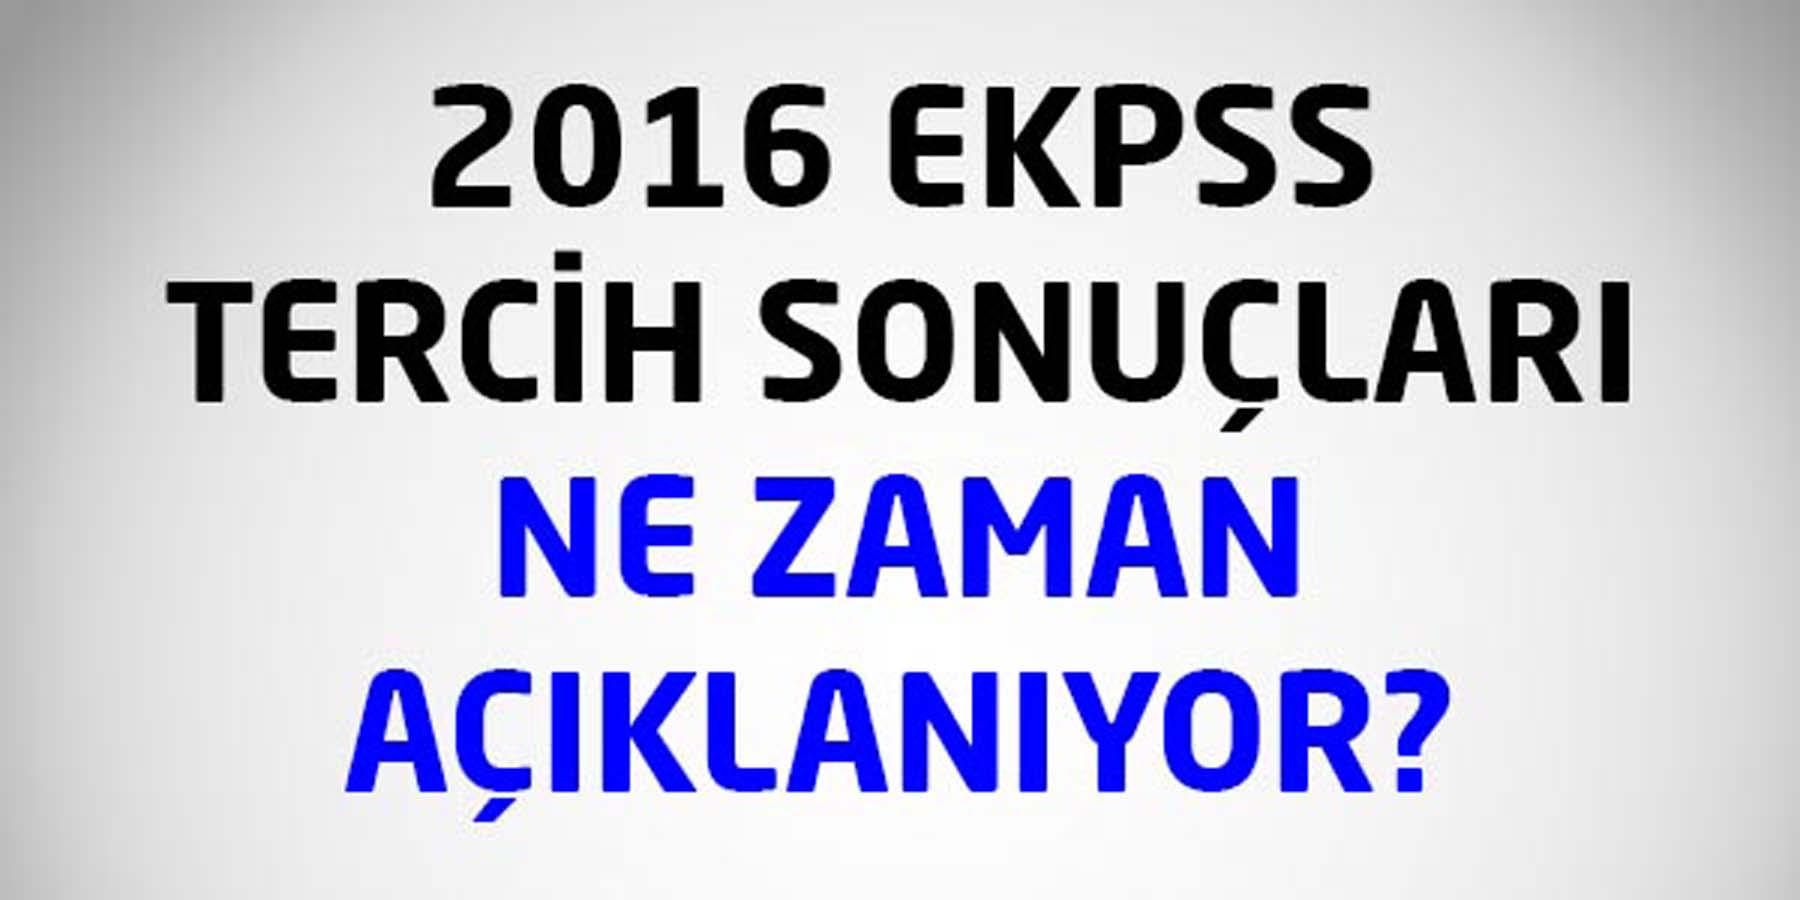 EKPSS Tercih Sonuçları Ne Zaman Açıklanıyor